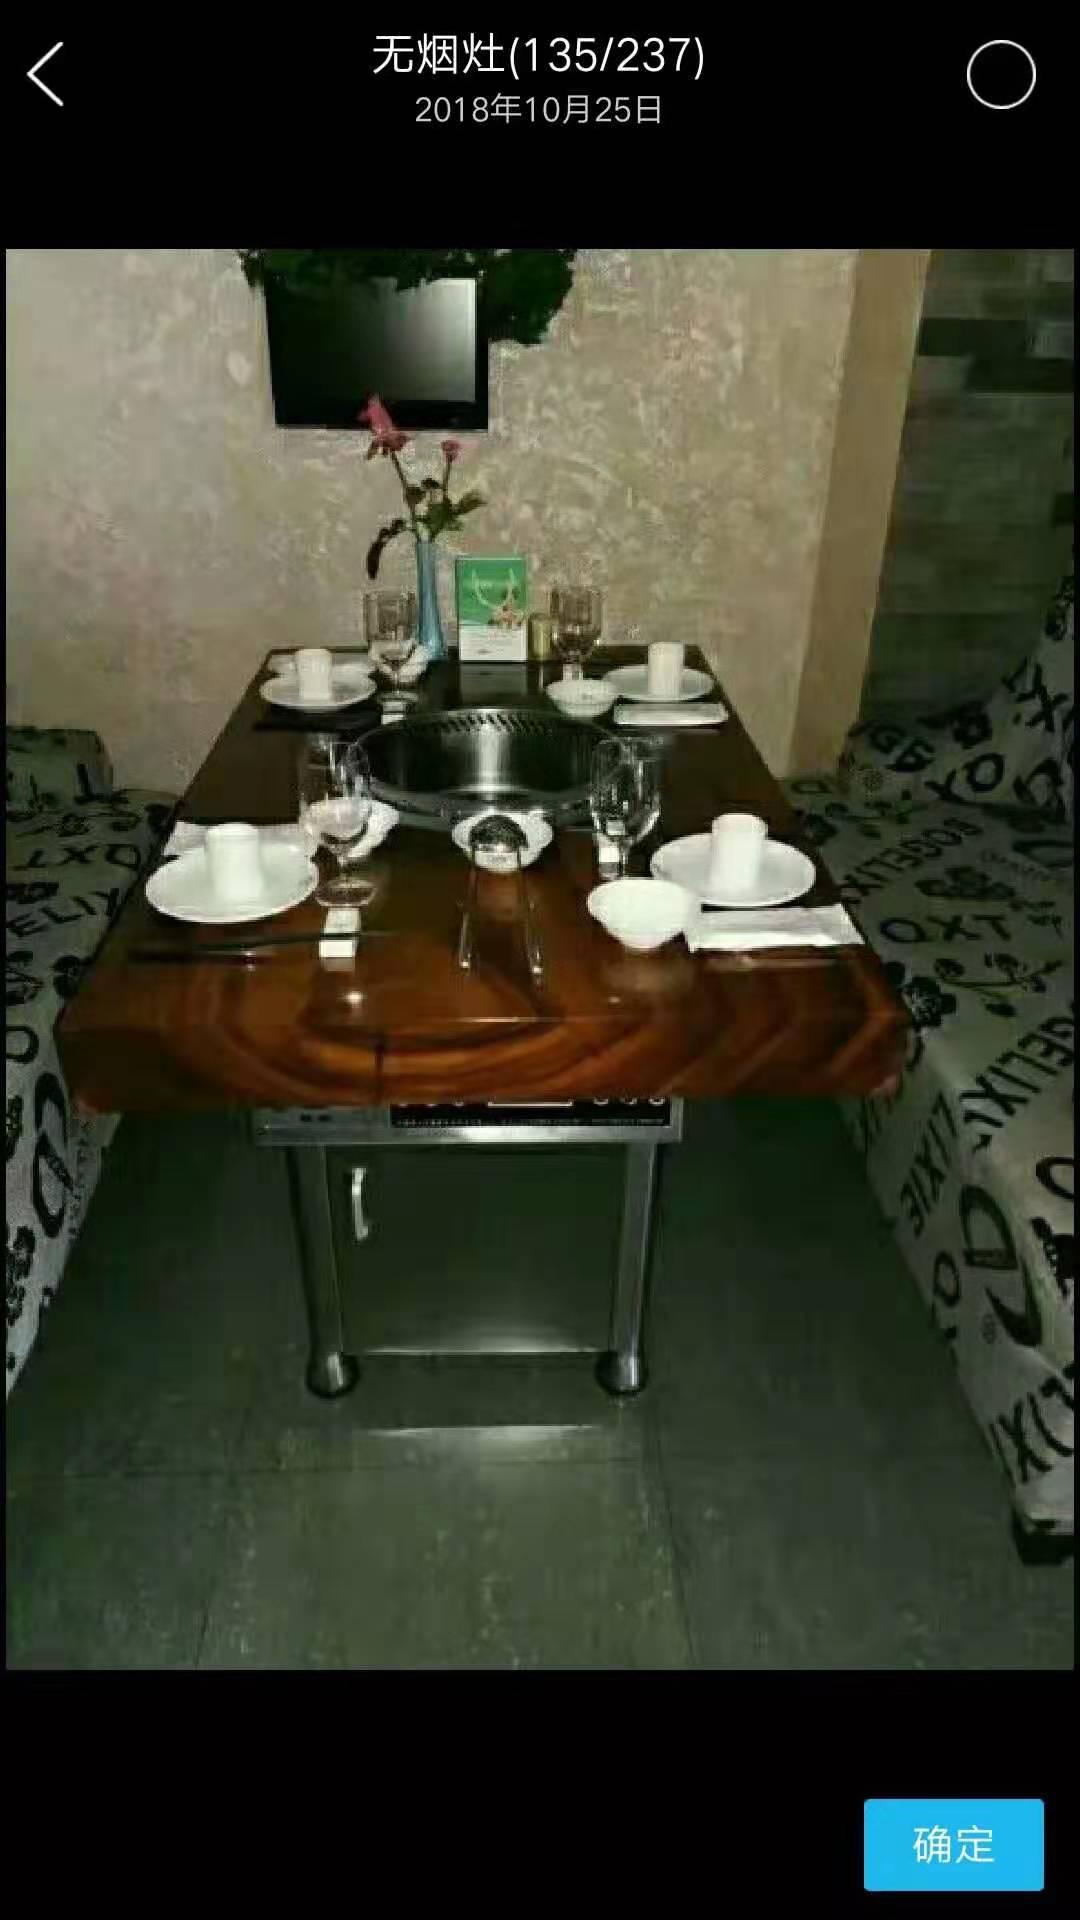 安徽饭店净化无烟火锅厂家直供 来电咨询 无锡市永会厨房设备制造供应